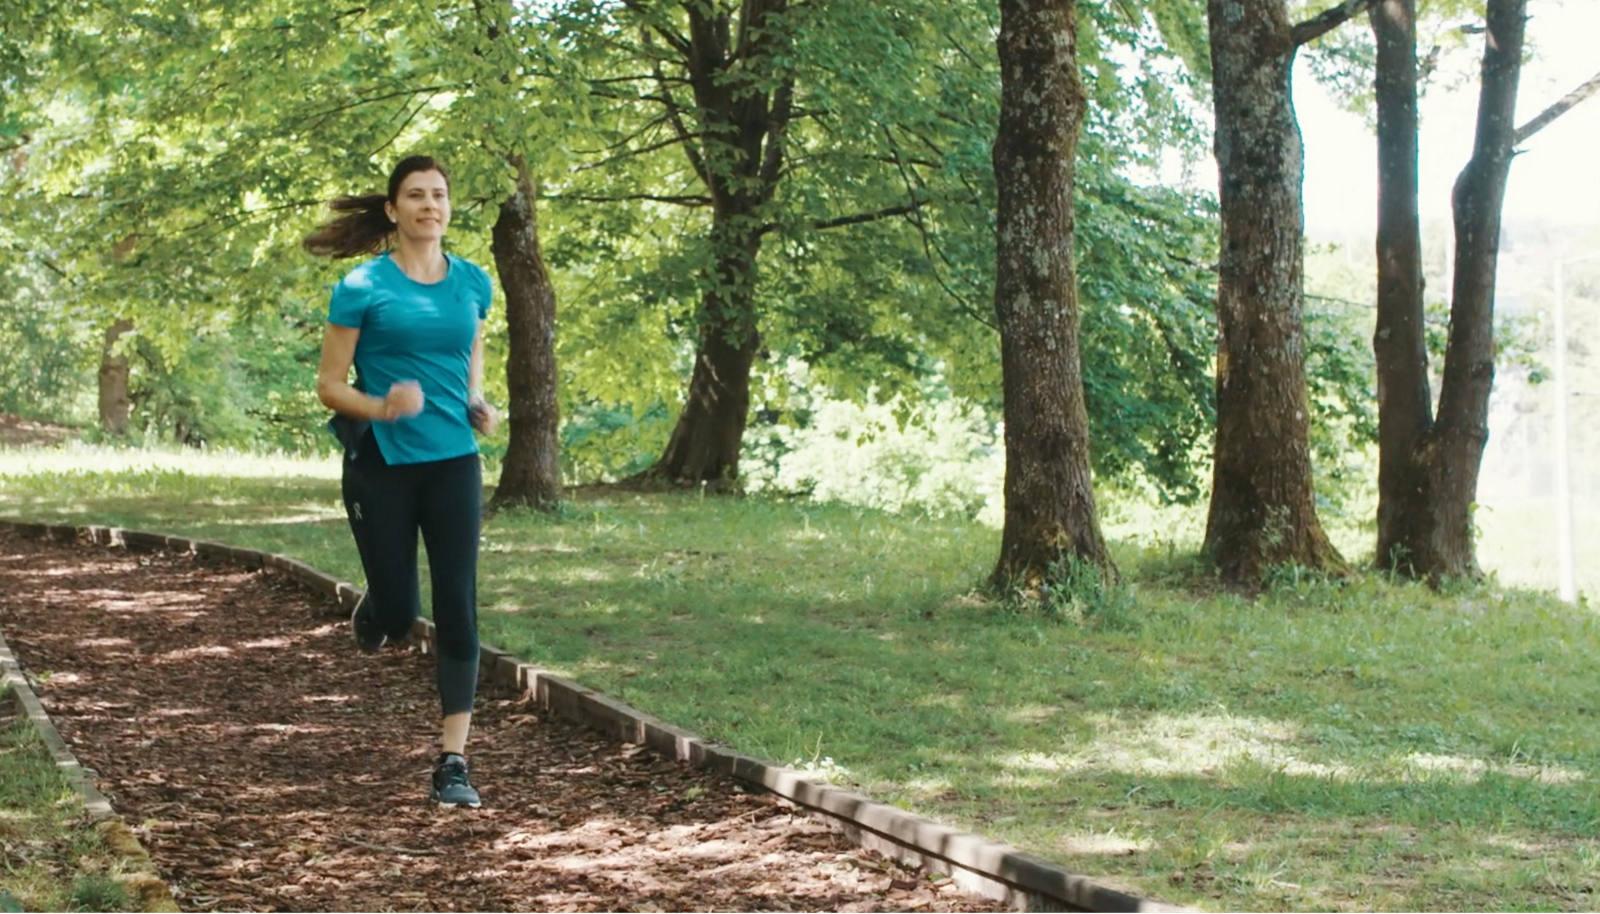 Joggen für Anfänger: die wichtigsten Tipps für jede Altersgruppe